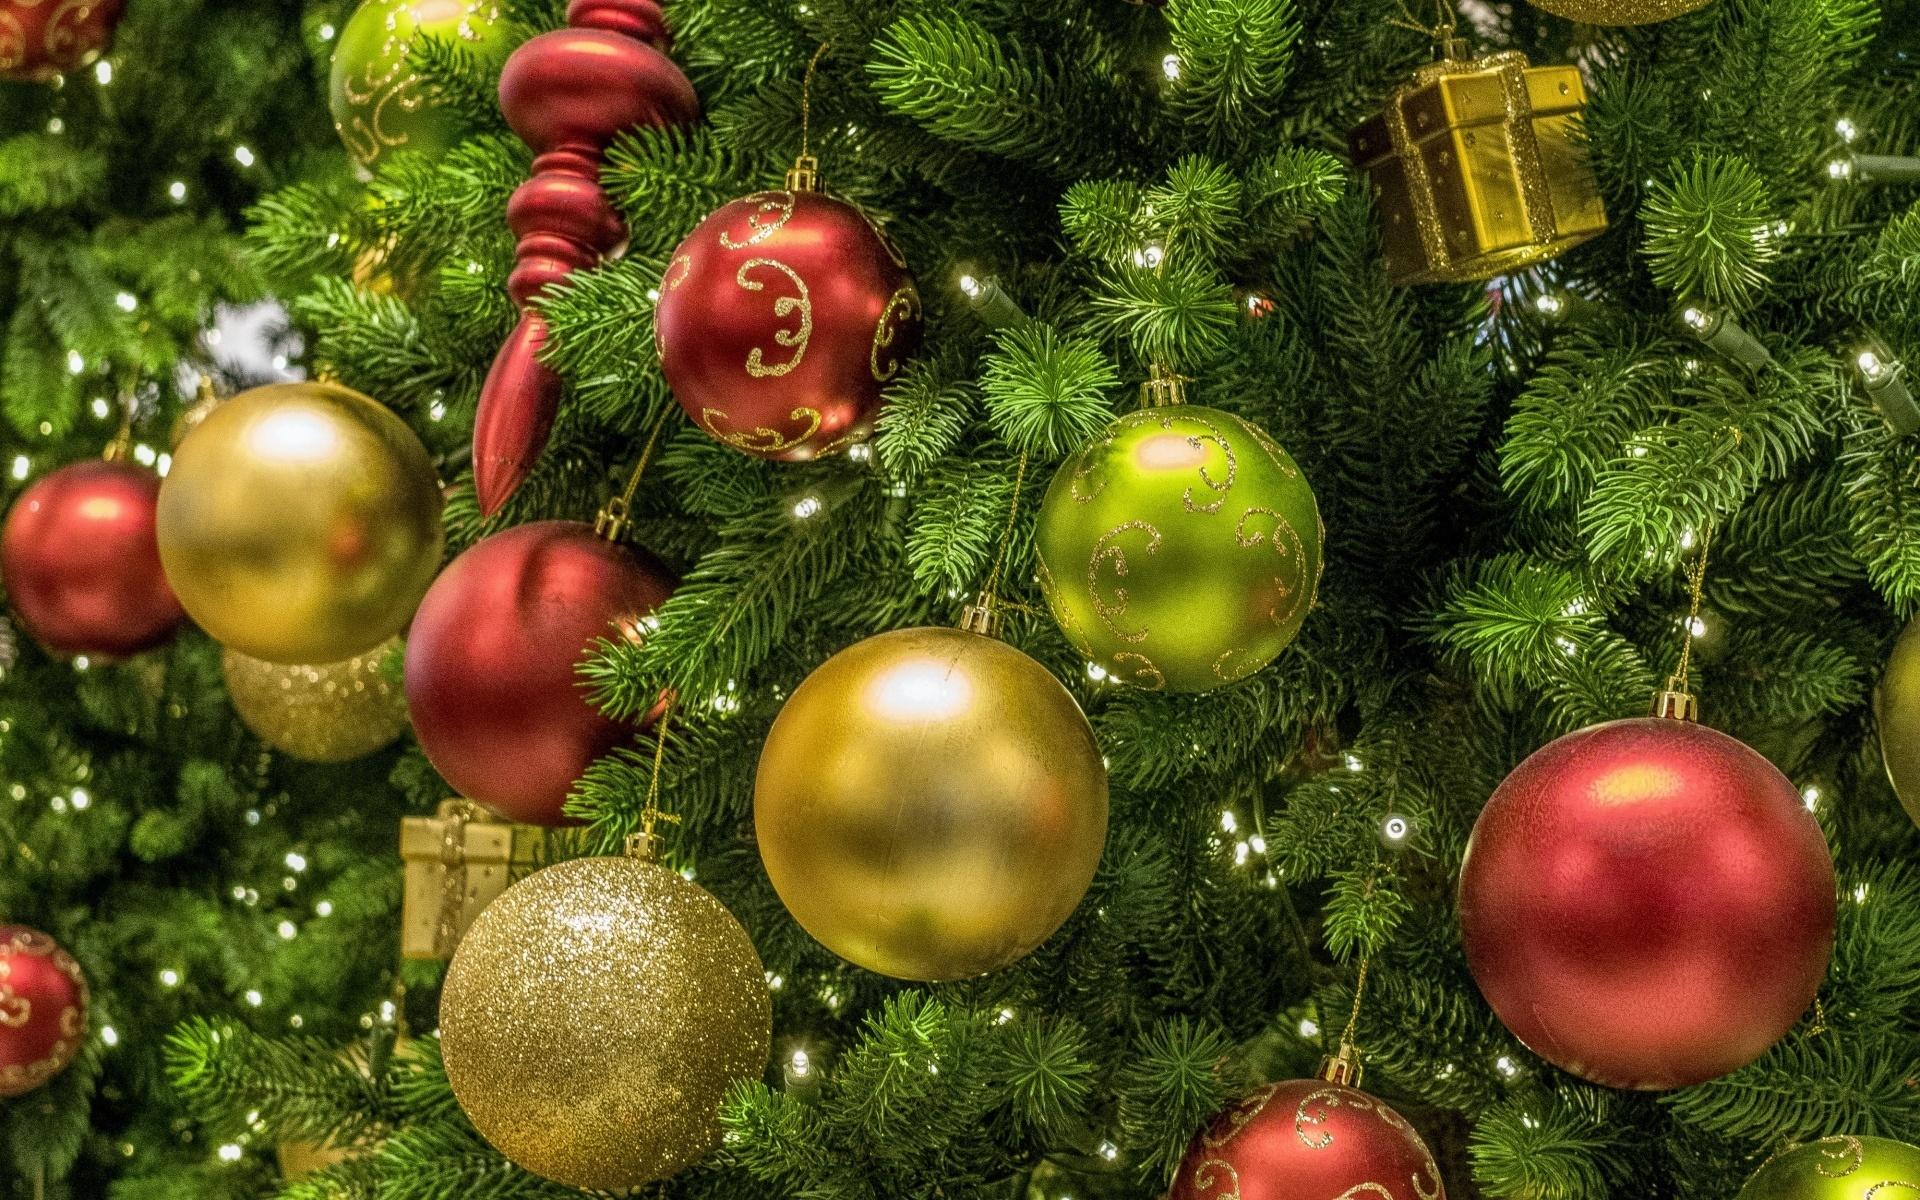 нужно картинки новогодней елочки с шарами выяснилось, болезни модельер